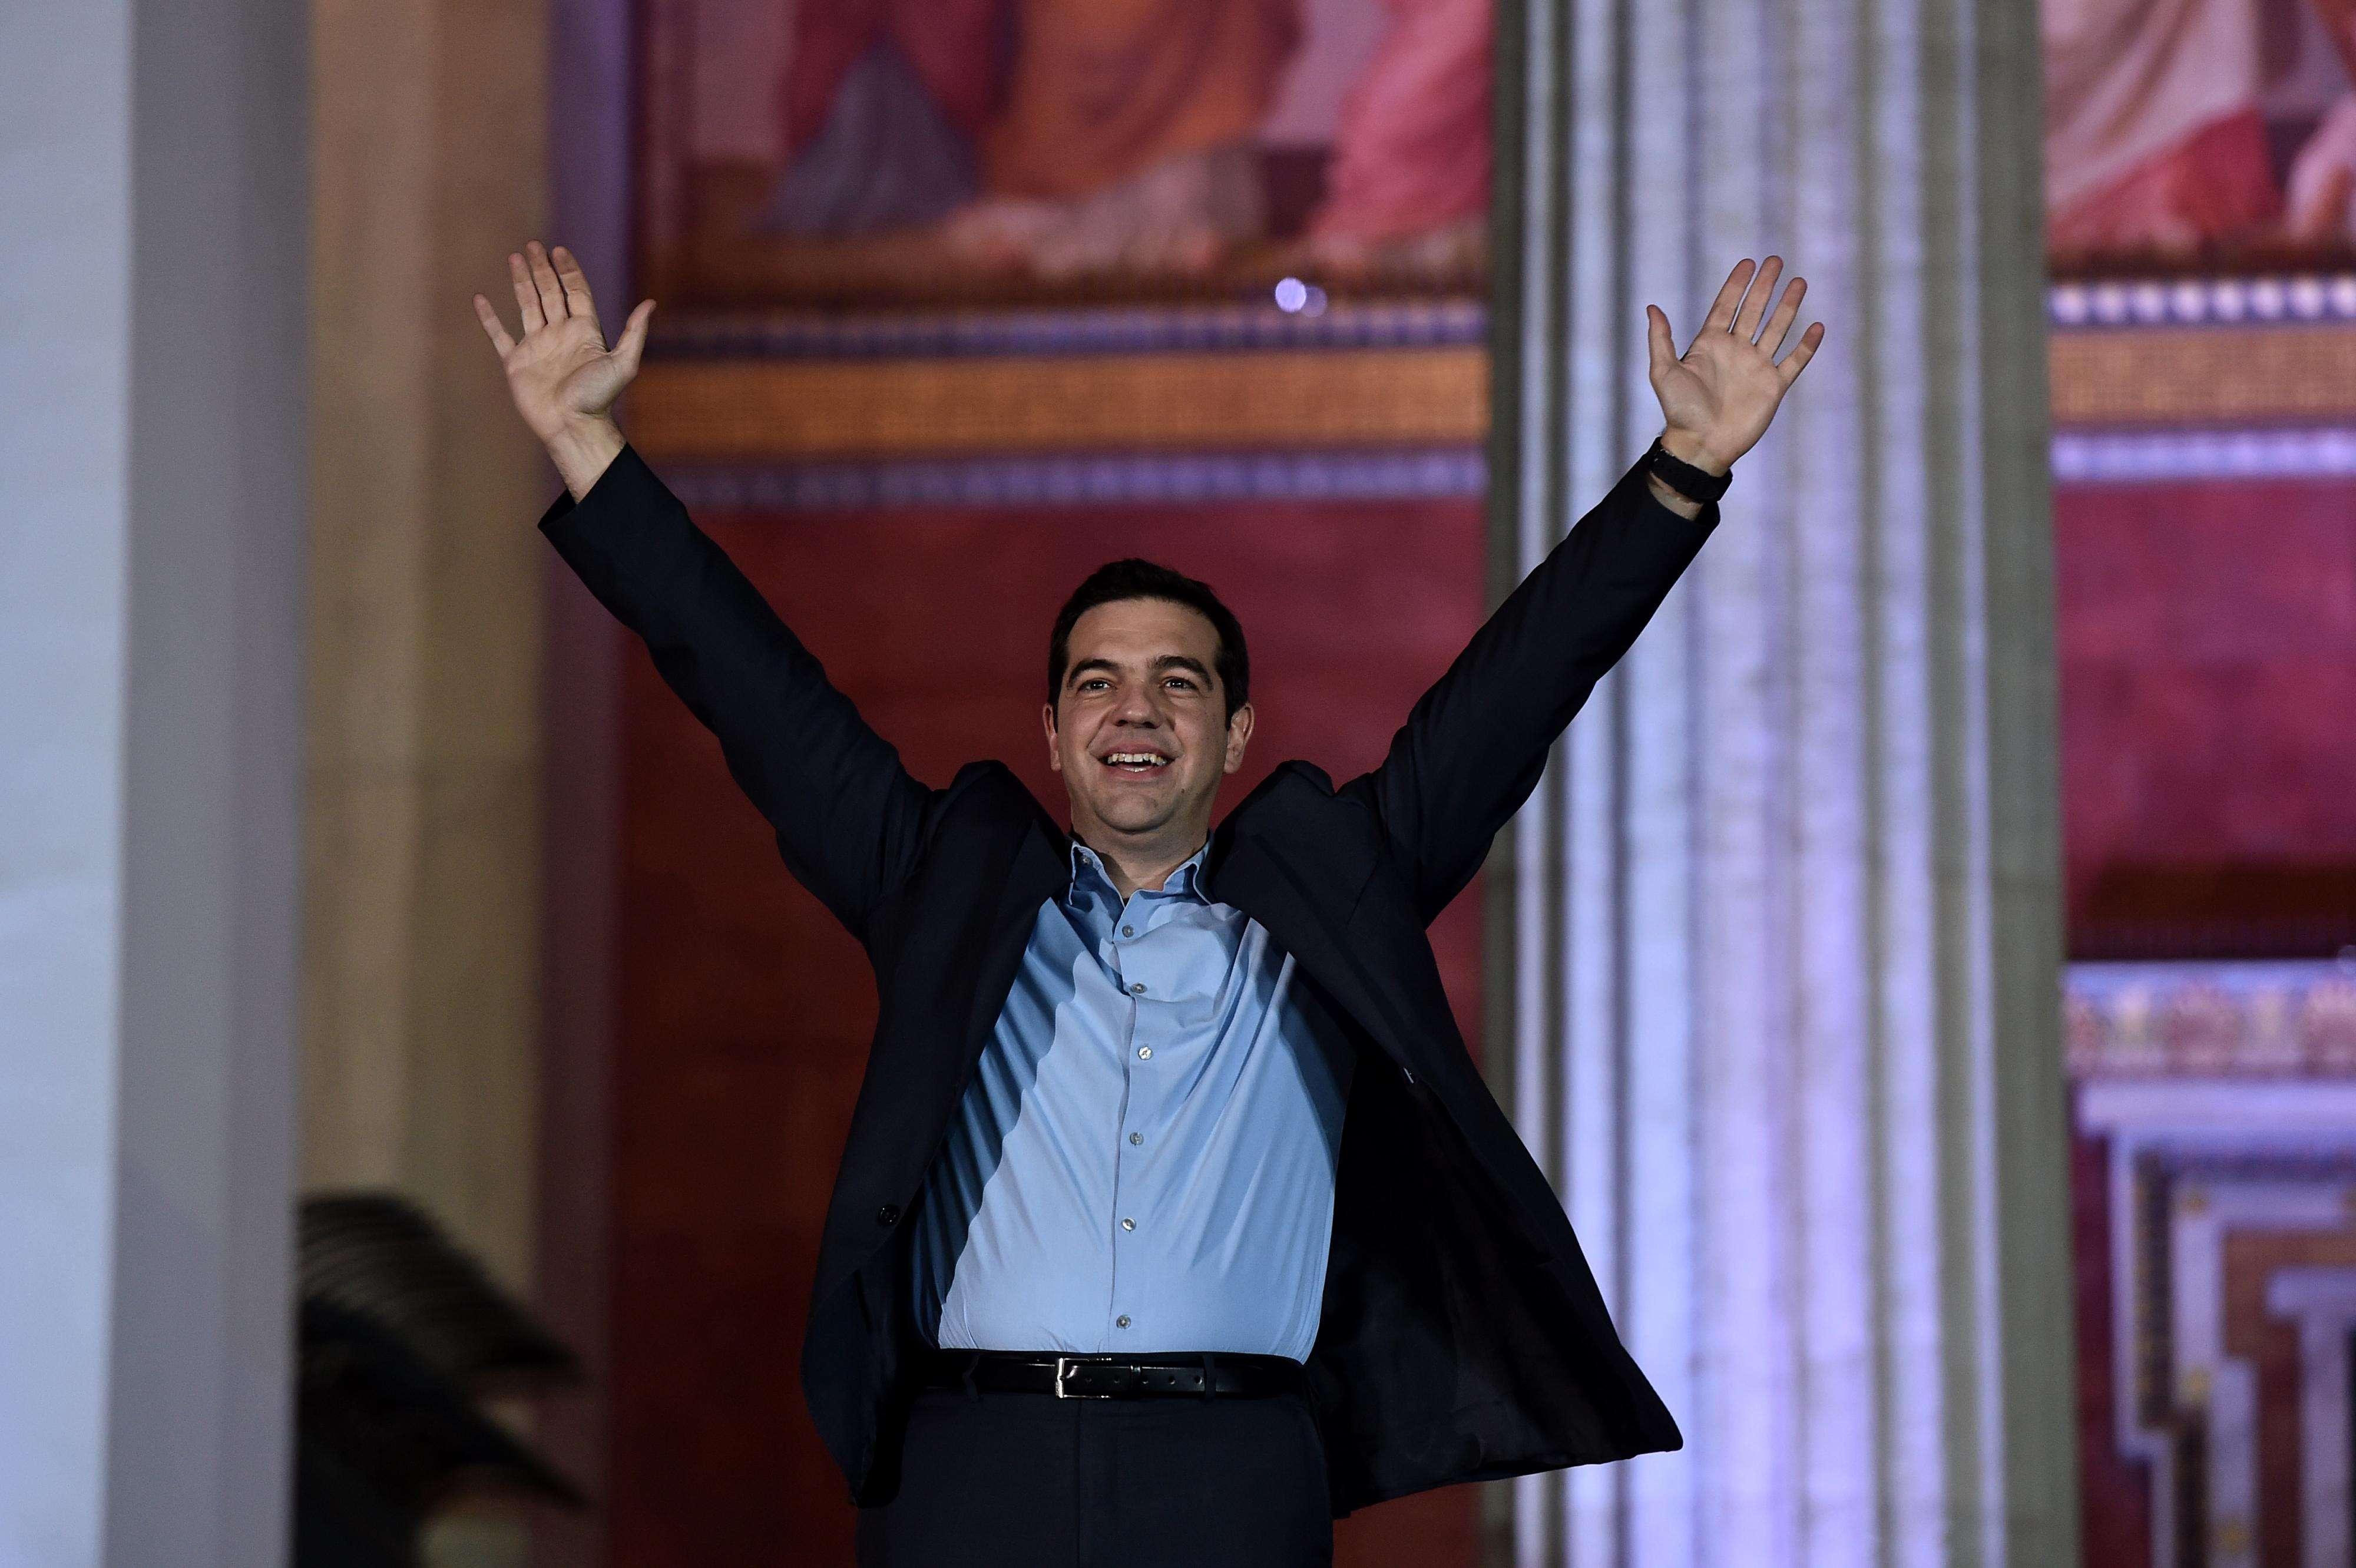 Alexis Tsipras, líder del partido de izquierda Syriza, levanta su puño en frente de la Academia de Atenas, tras la victoria en las elecciones generales griegas de este 25 de enero de 2015. Tsipras hizo campaña con la promesa de renegociar el país de internacional rescate y año inversas de recortes de gastos y reformas económicas dolorosas. Foto: AFP